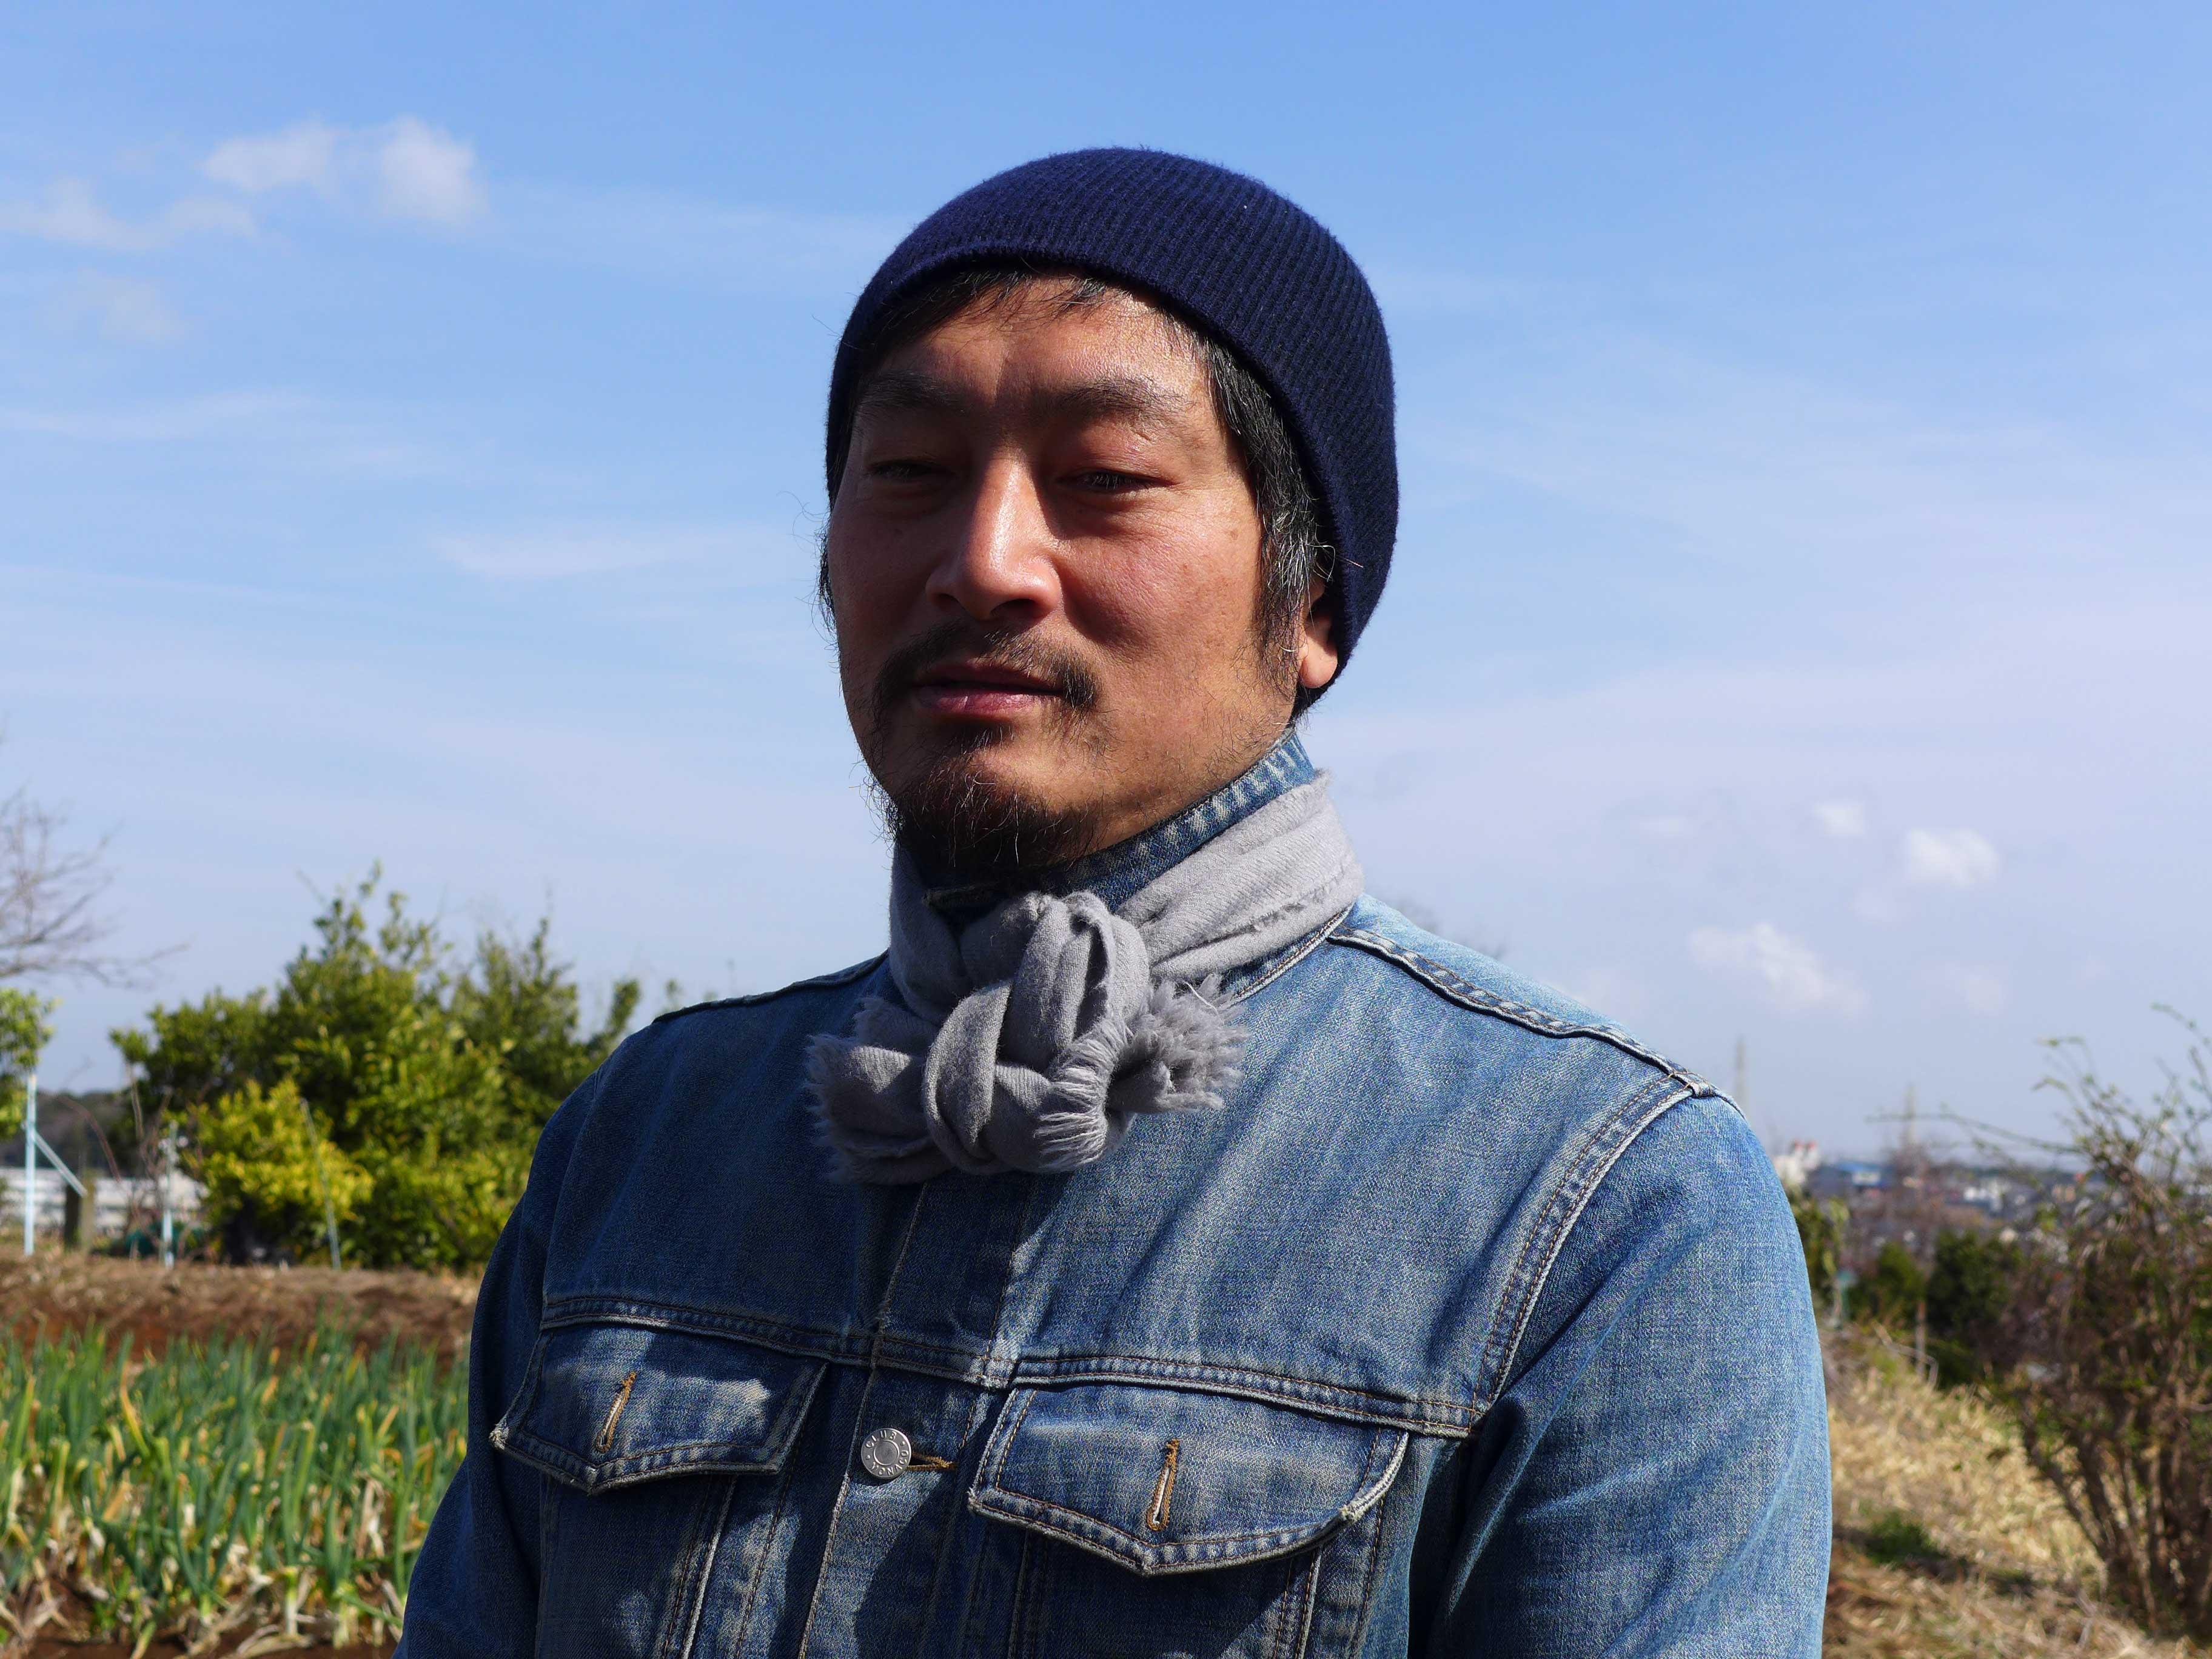 「無化学肥料・無農薬栽培にこだわる理由」えんちゃん農場 – 長岡 親一郎さん